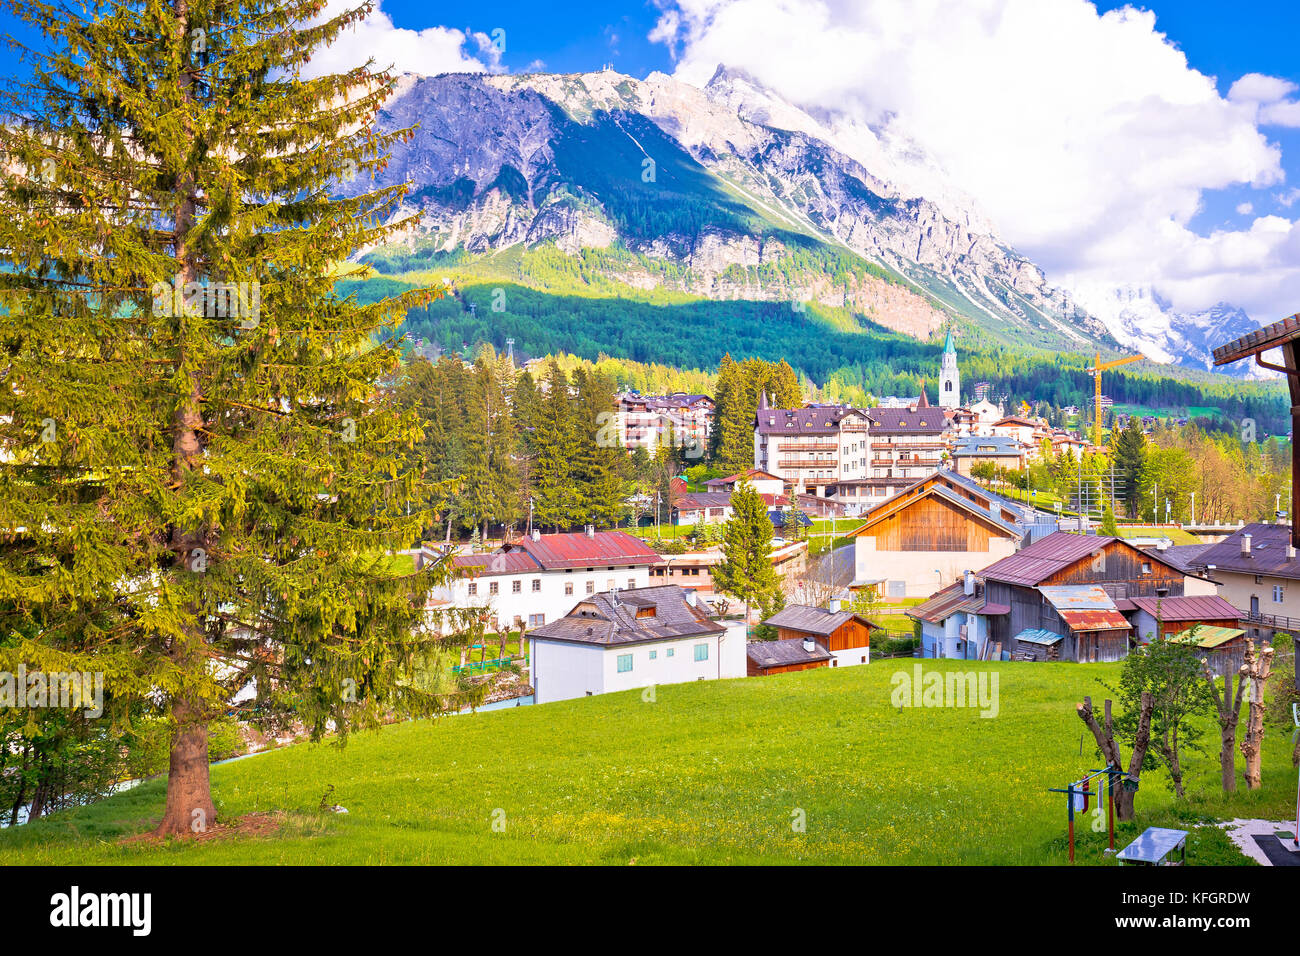 Localidad alpina de Cortina d'Ampezzo en Dolomitas Alpes vista, región del Véneto, Italia Foto de stock